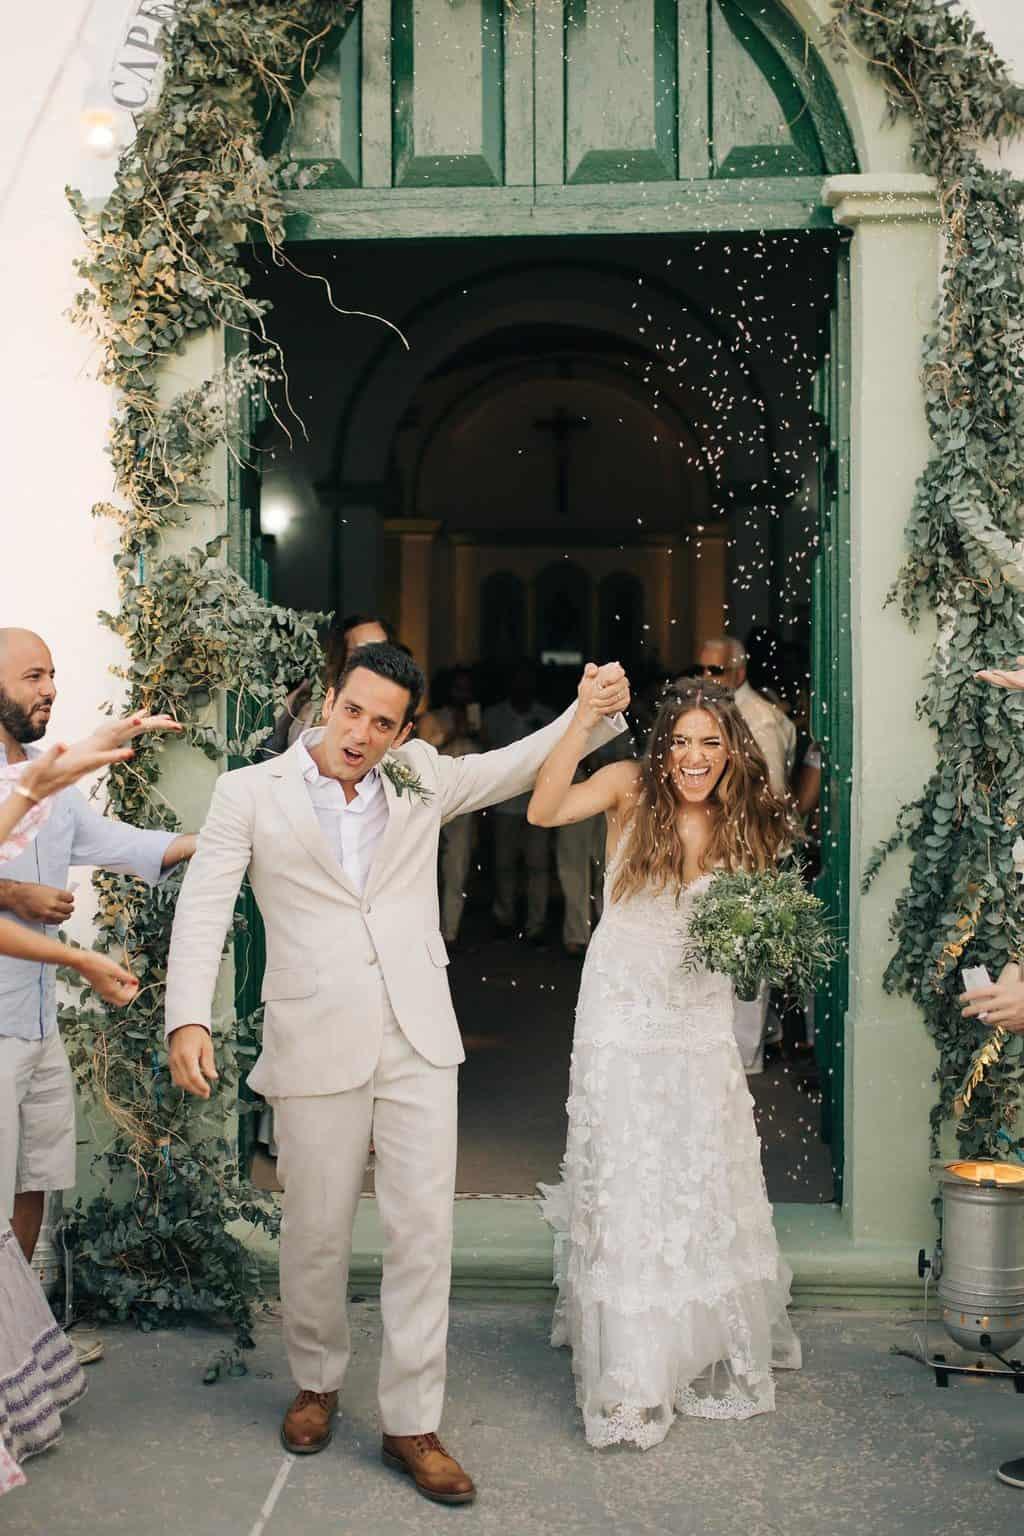 casamento-Danielle-e-Guilherme-aloha-fotografia-caseme-100